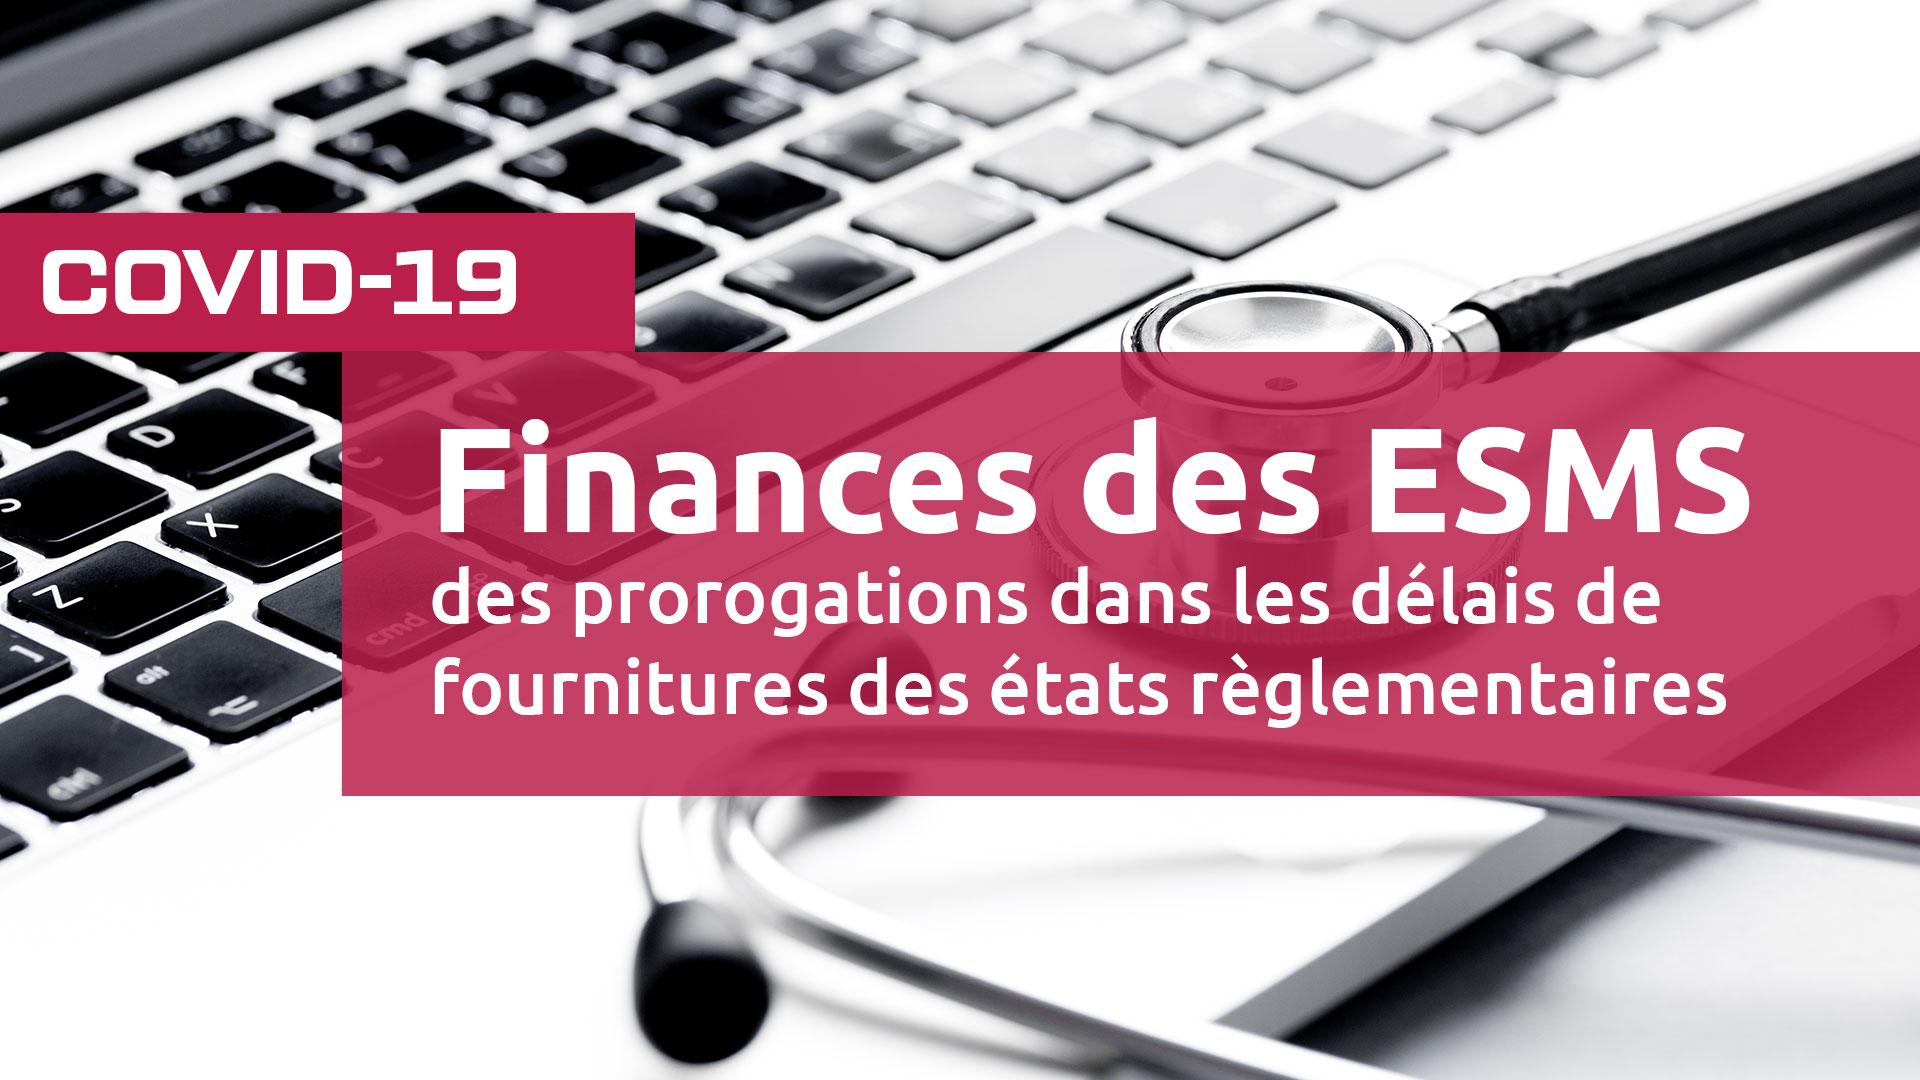 COVID-19-Finances de ESMS des prorogations dans les délais de fournitures des états règlementaires